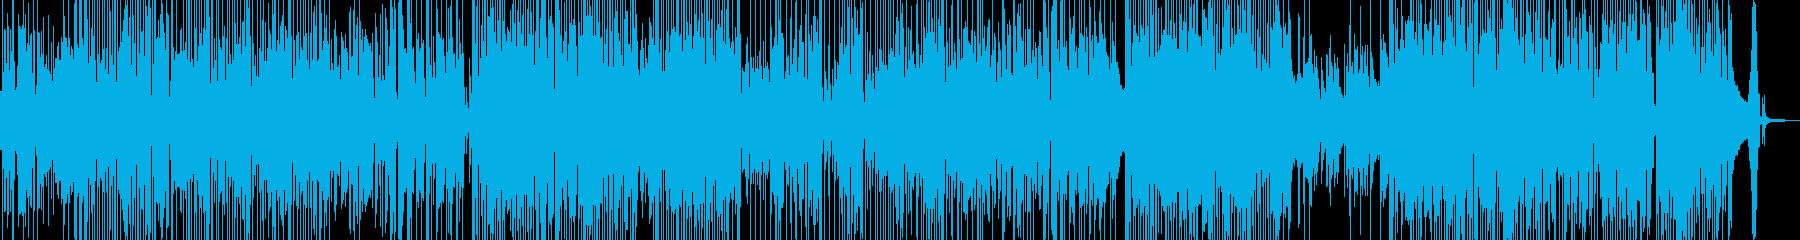 明るく前向きな気持ちになるジャズ 長尺★の再生済みの波形